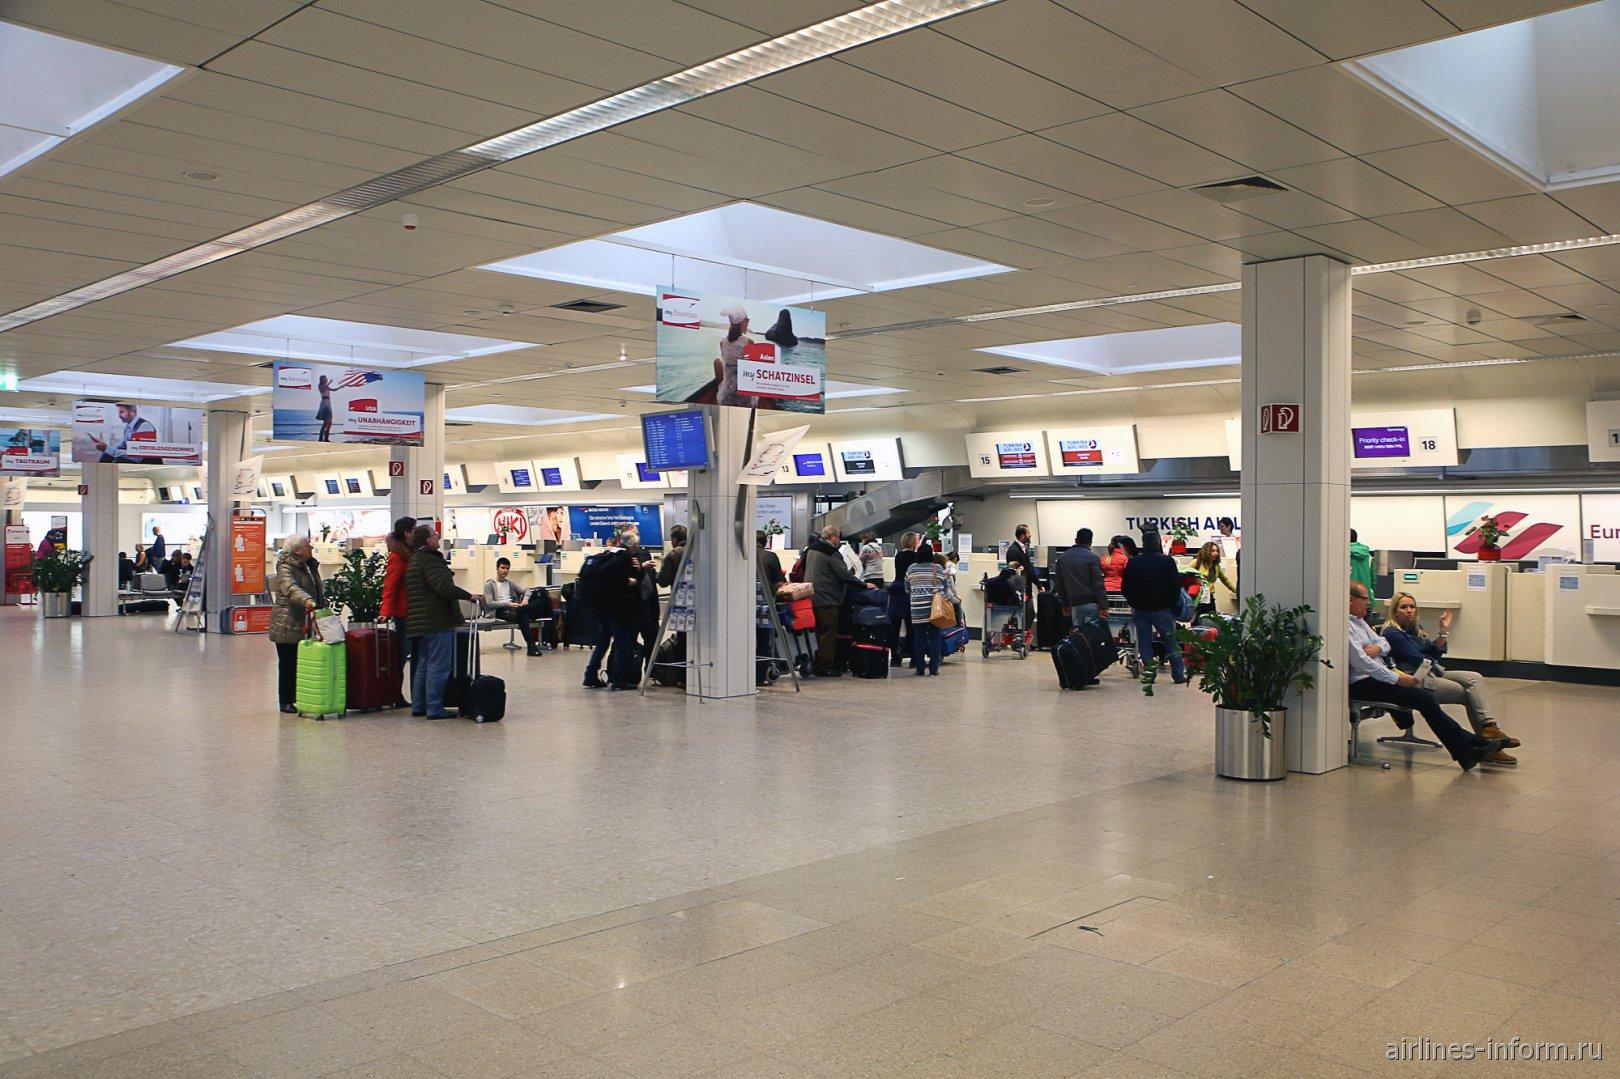 Стойки регистрации в аэропорту Зальцбург